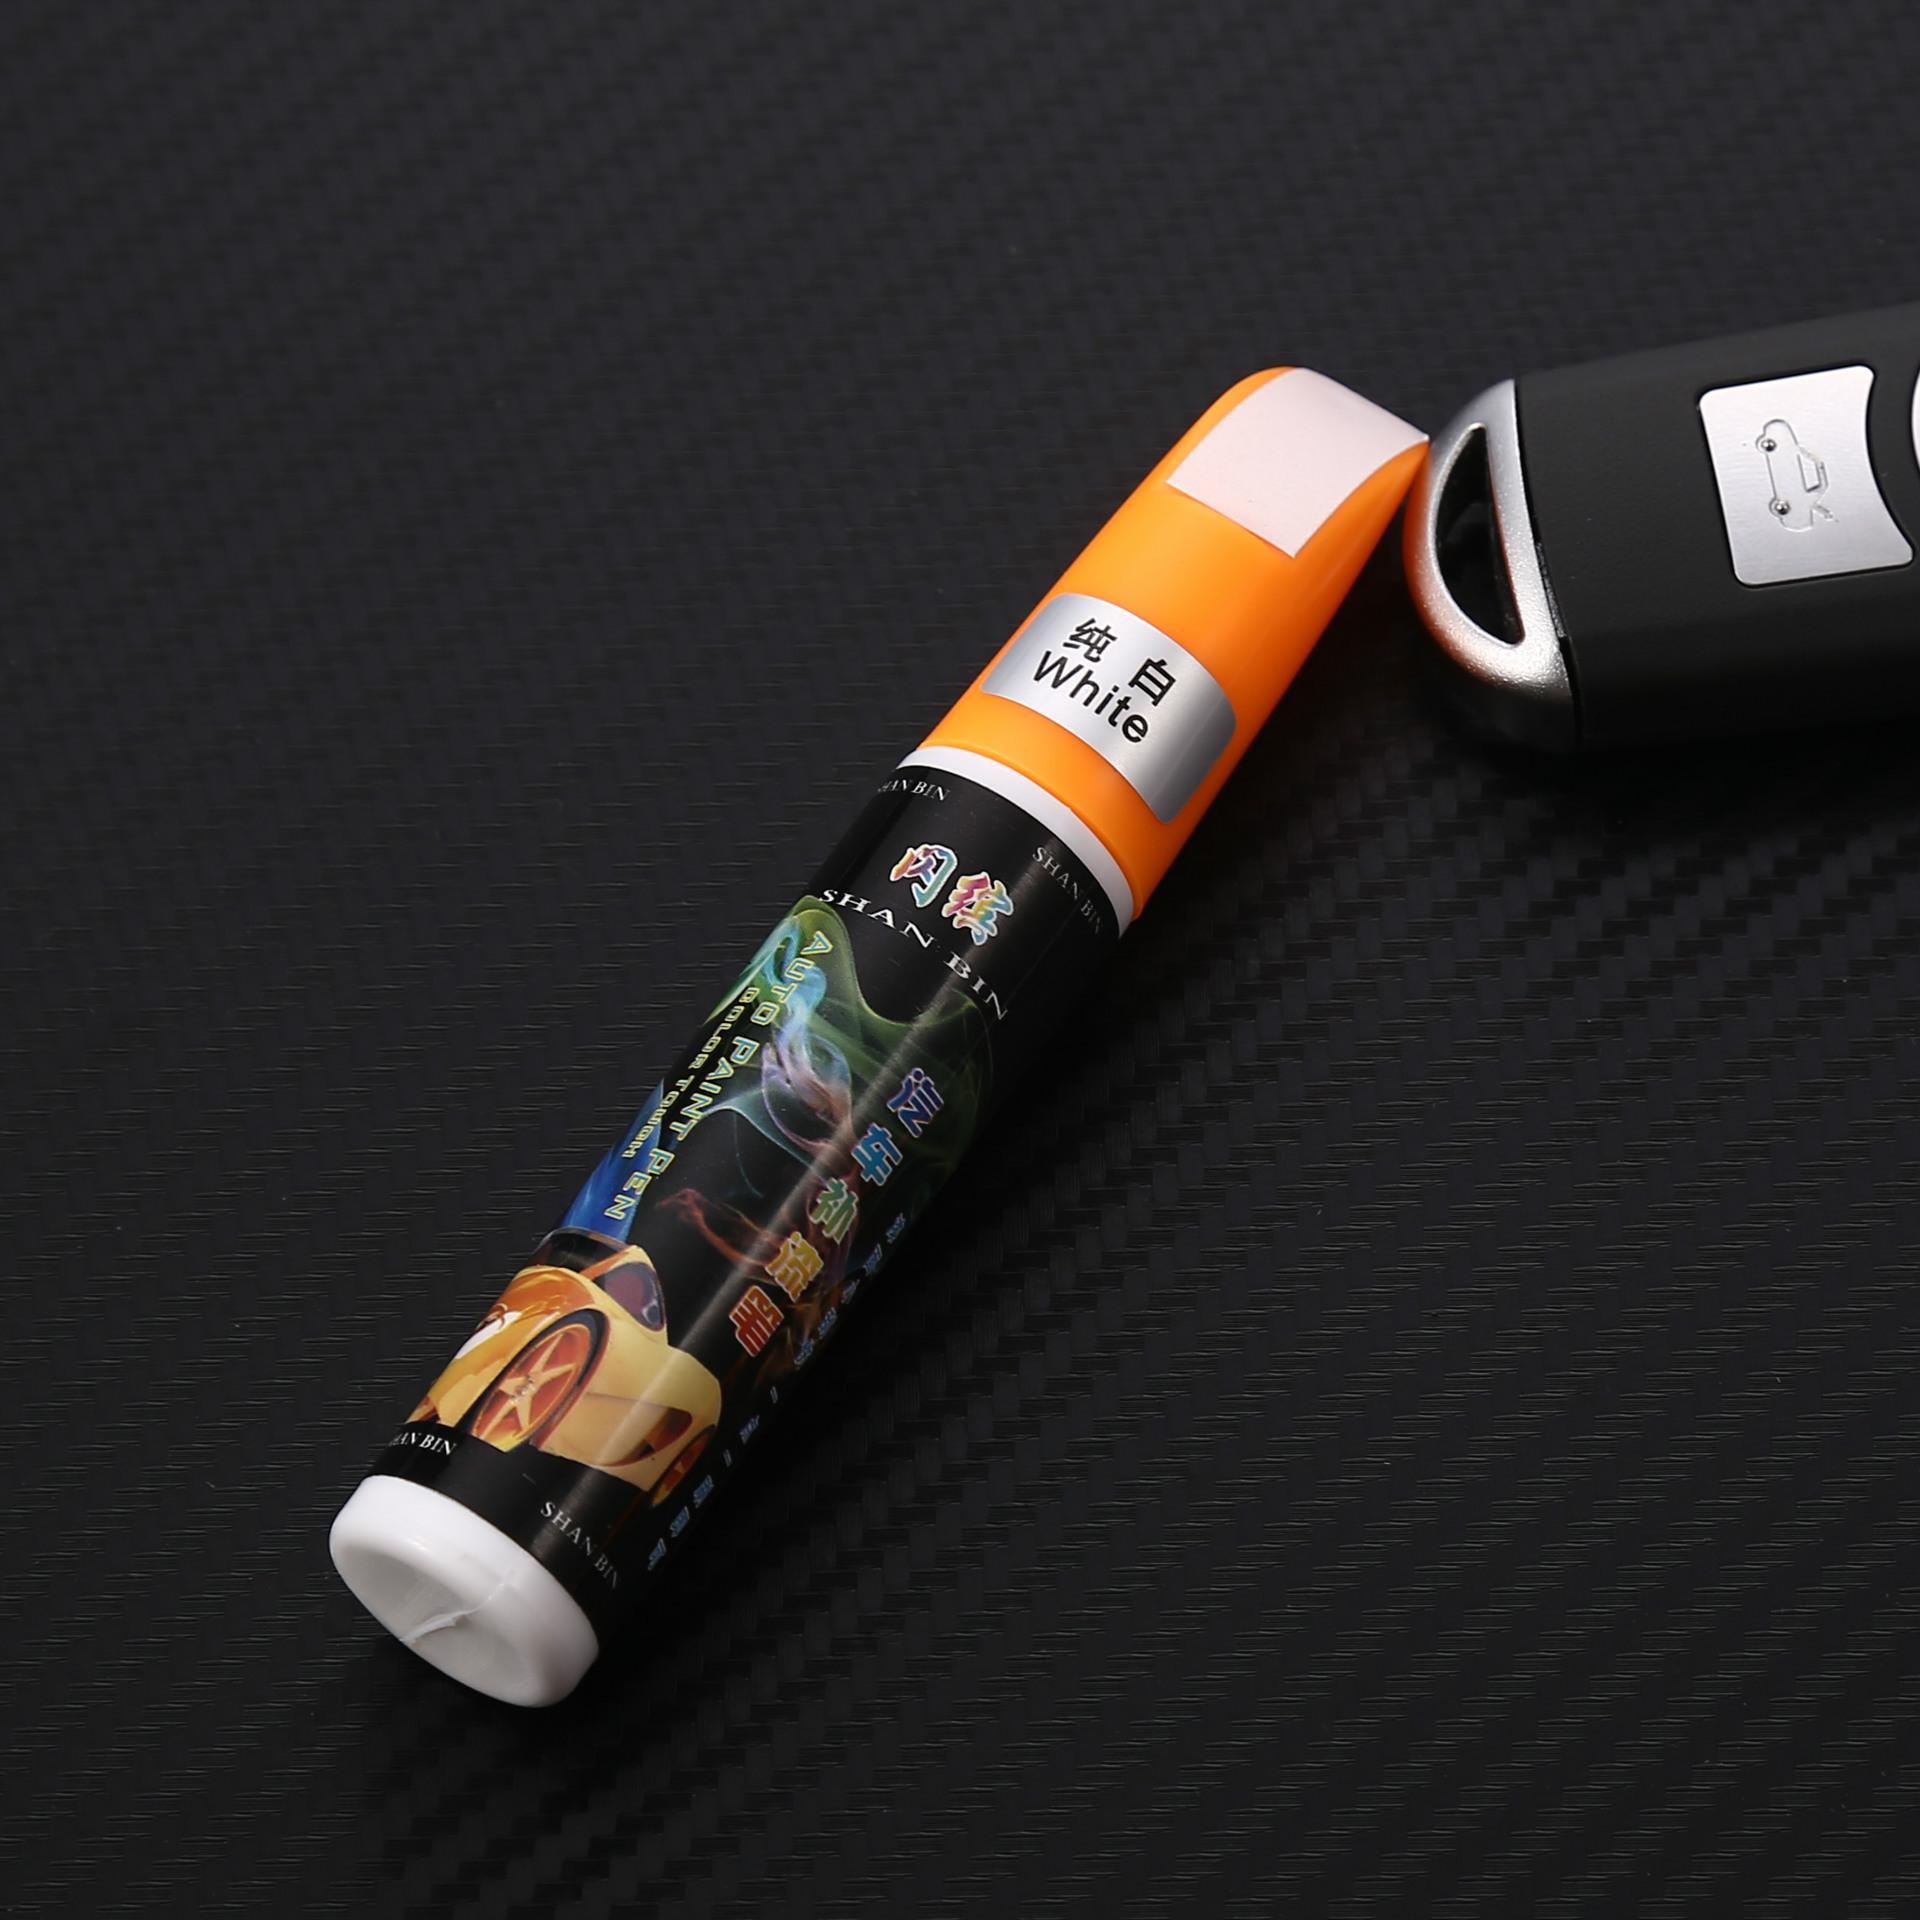 汽车用补漆笔漆面划痕修整神器去痕防锈专用深度色刮痕酬宾包邮